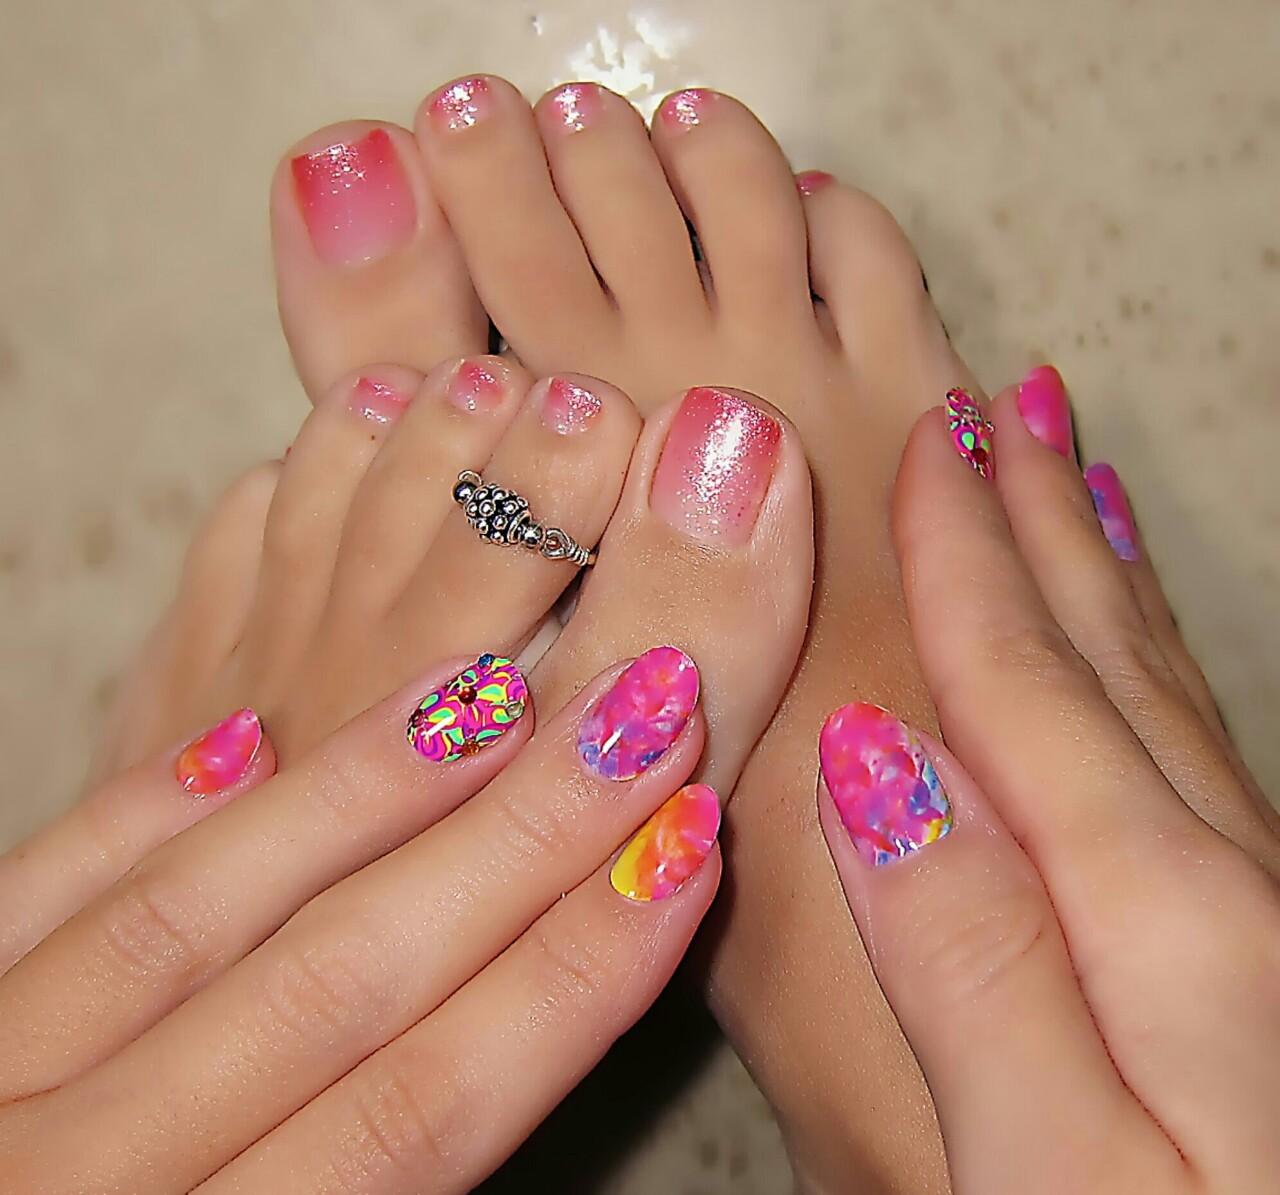 massage erotique bruz foot filles sexy